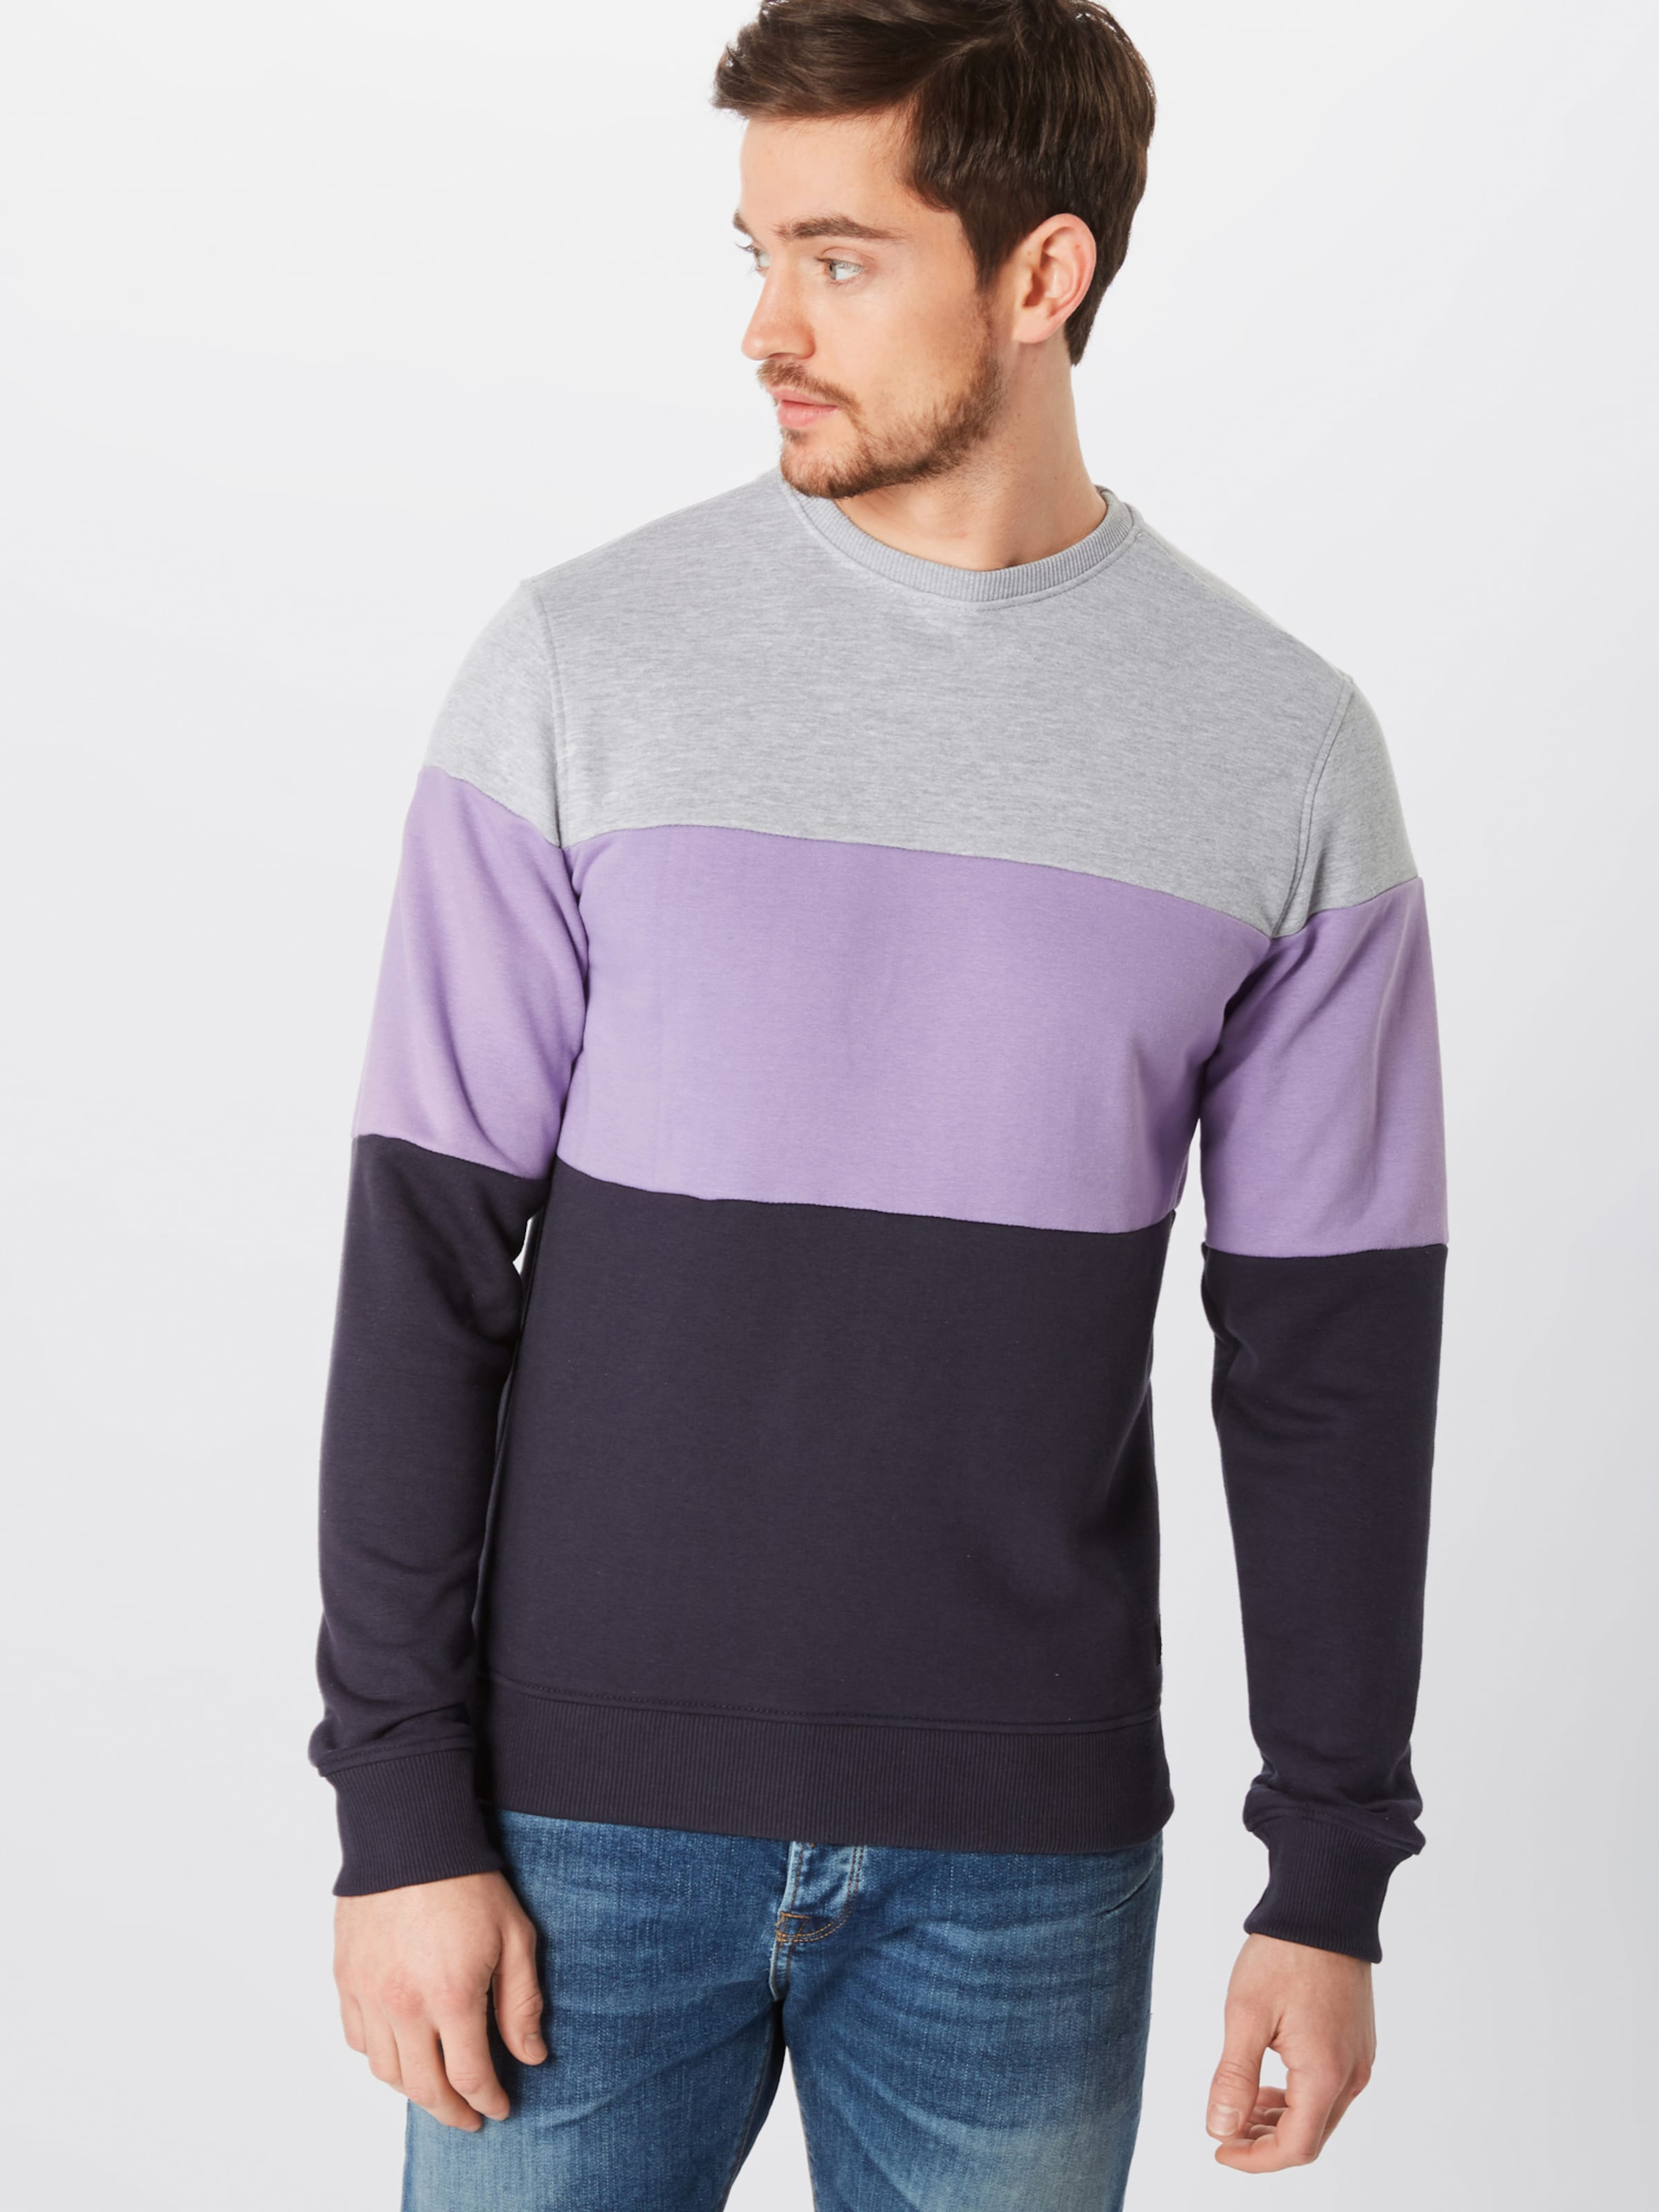 Blend Sweatshirt HellgrauLila Blend In Schwarz HellgrauLila Sweatshirt In 7yfb6Yg